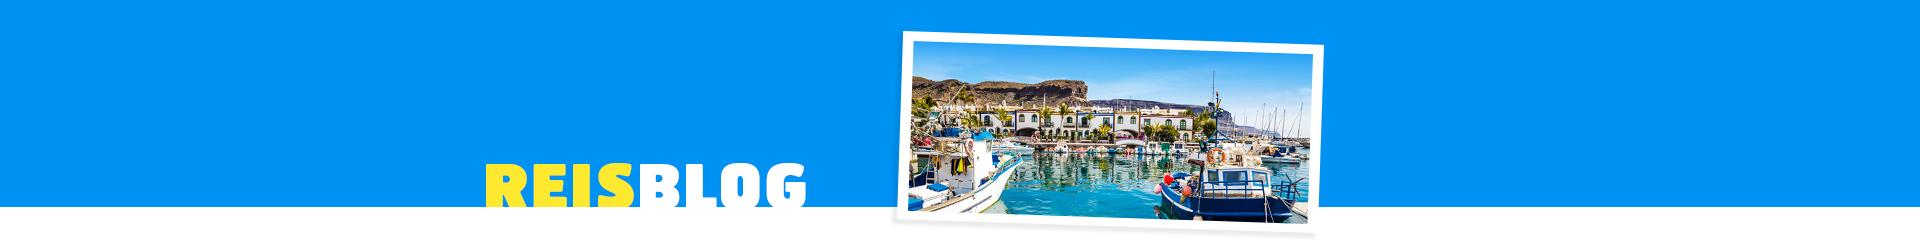 Uitzicht op een haven en bootjes op Gran Canaria in Spanje